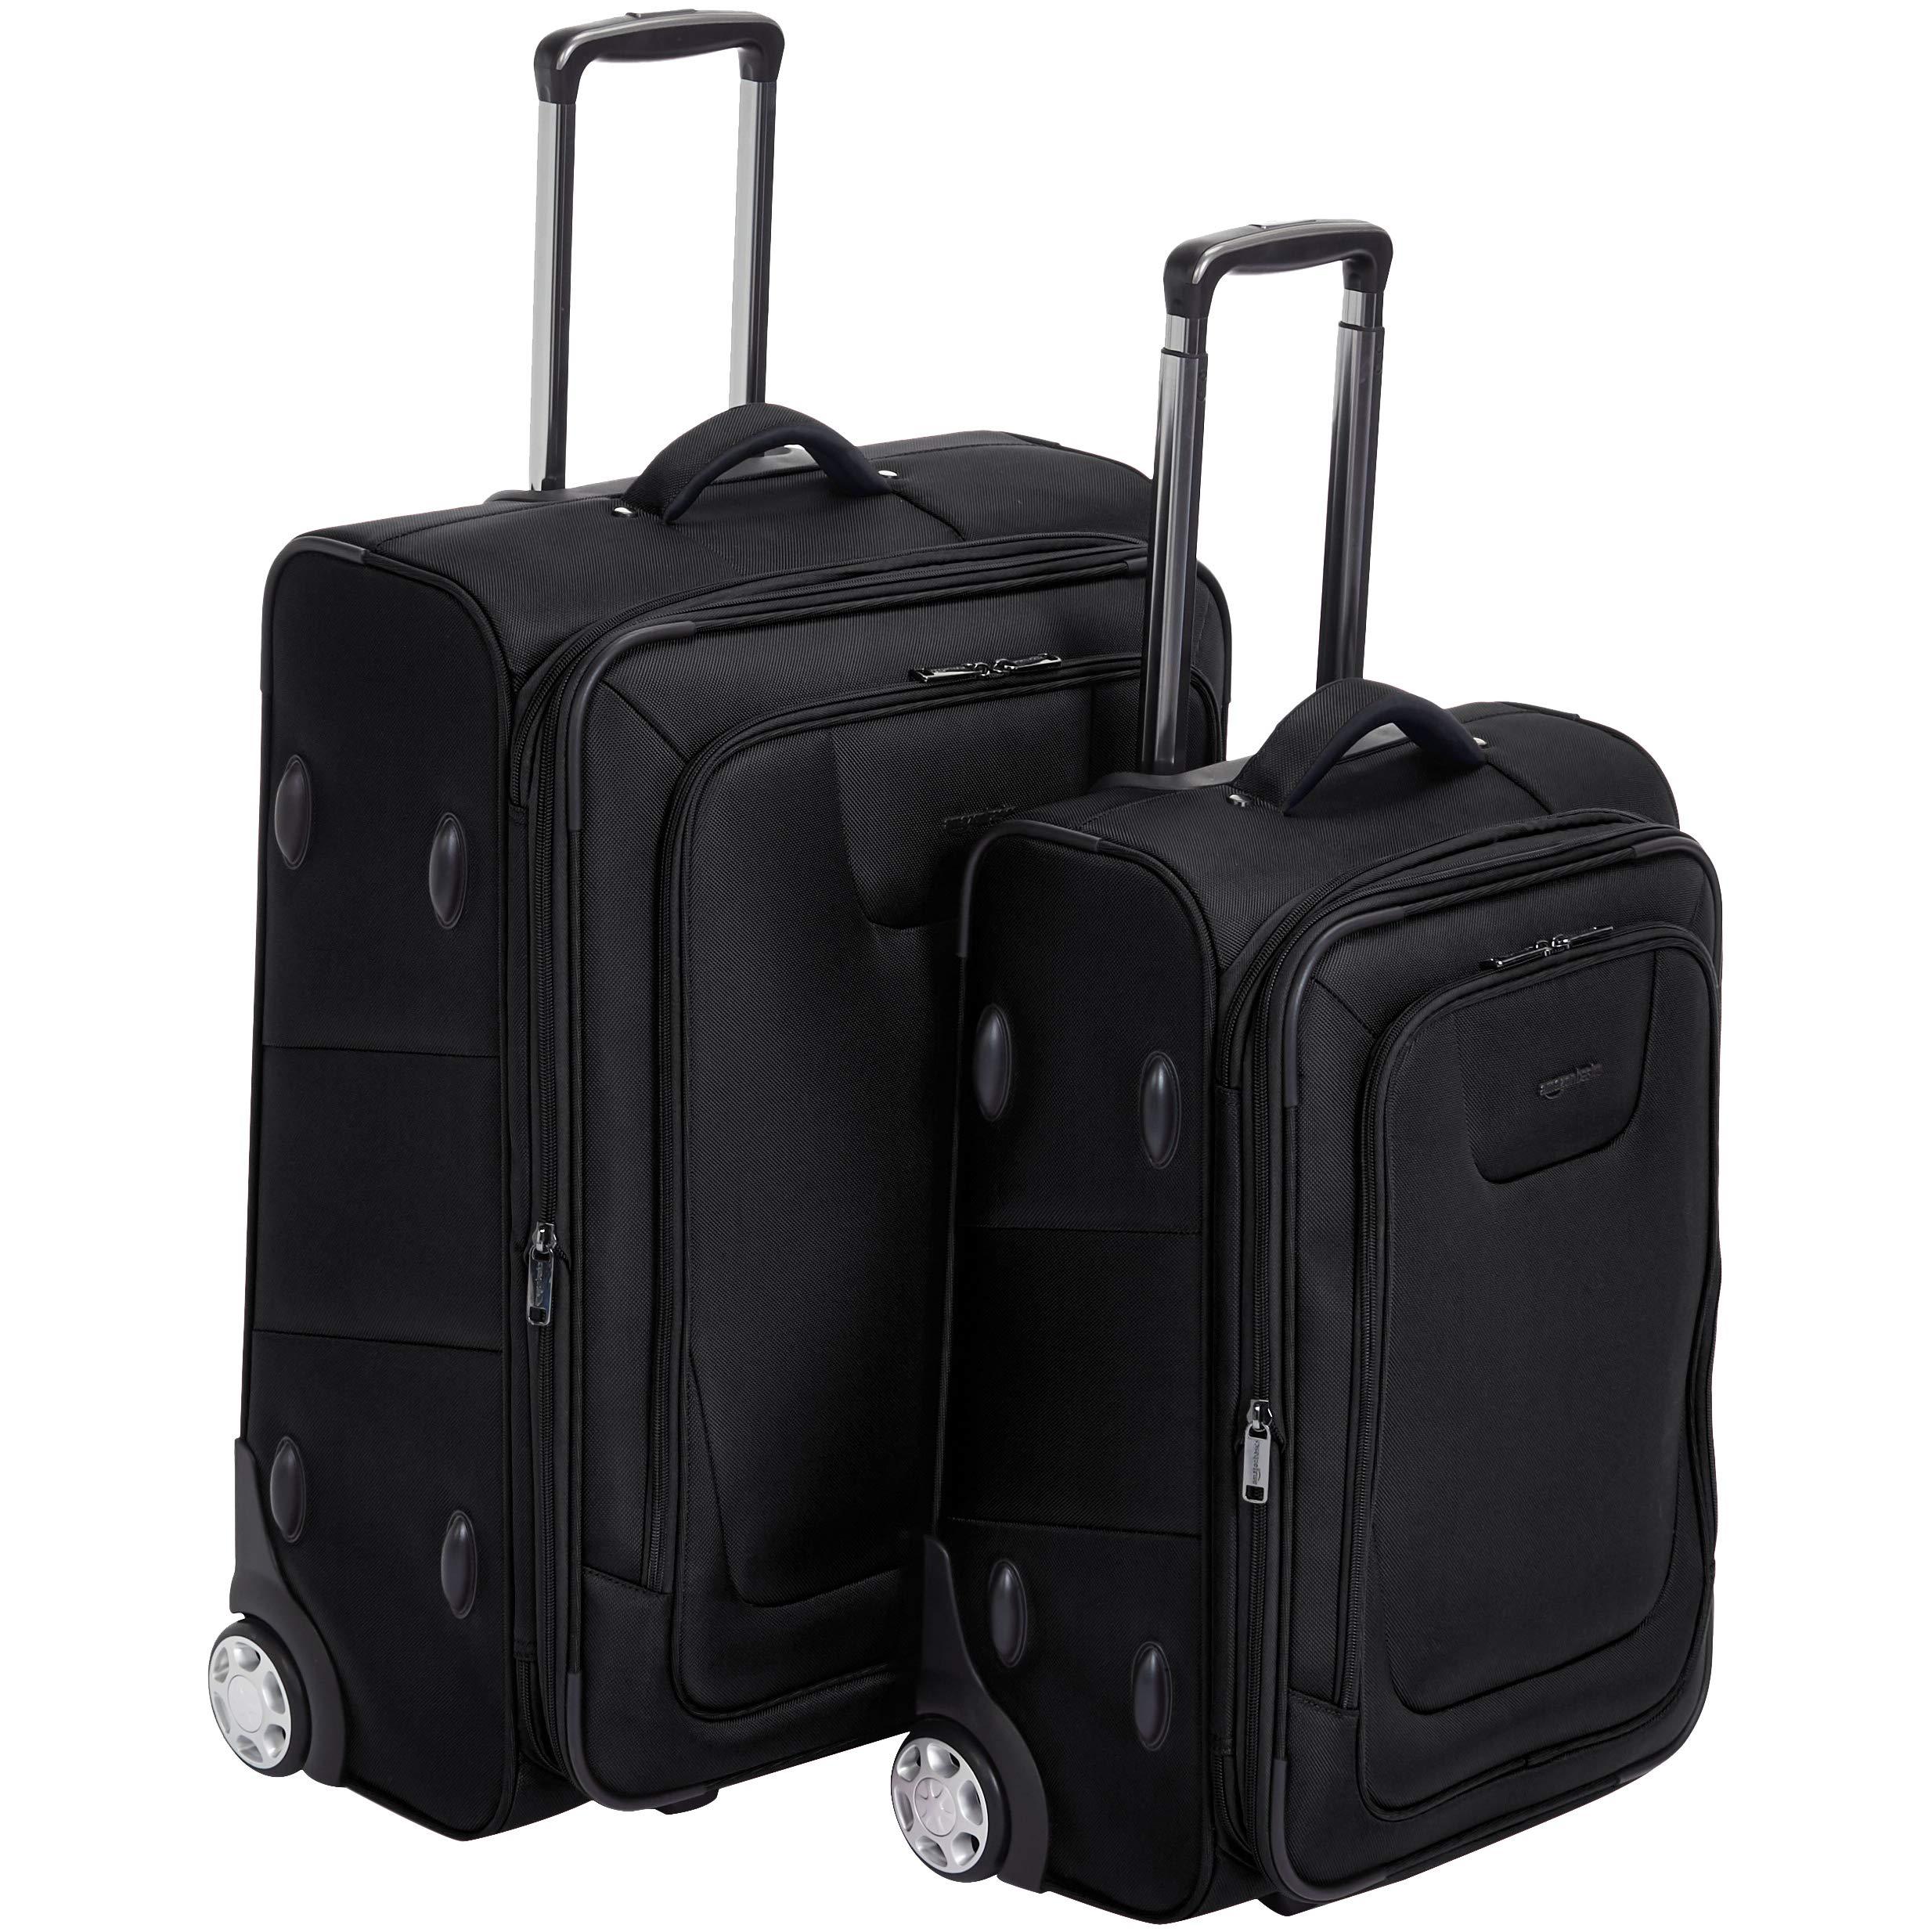 AmazonBasics 2 Piece Expandable Softside Luggage Suitcase With TSA Lock And Wheels Set - Black by AmazonBasics